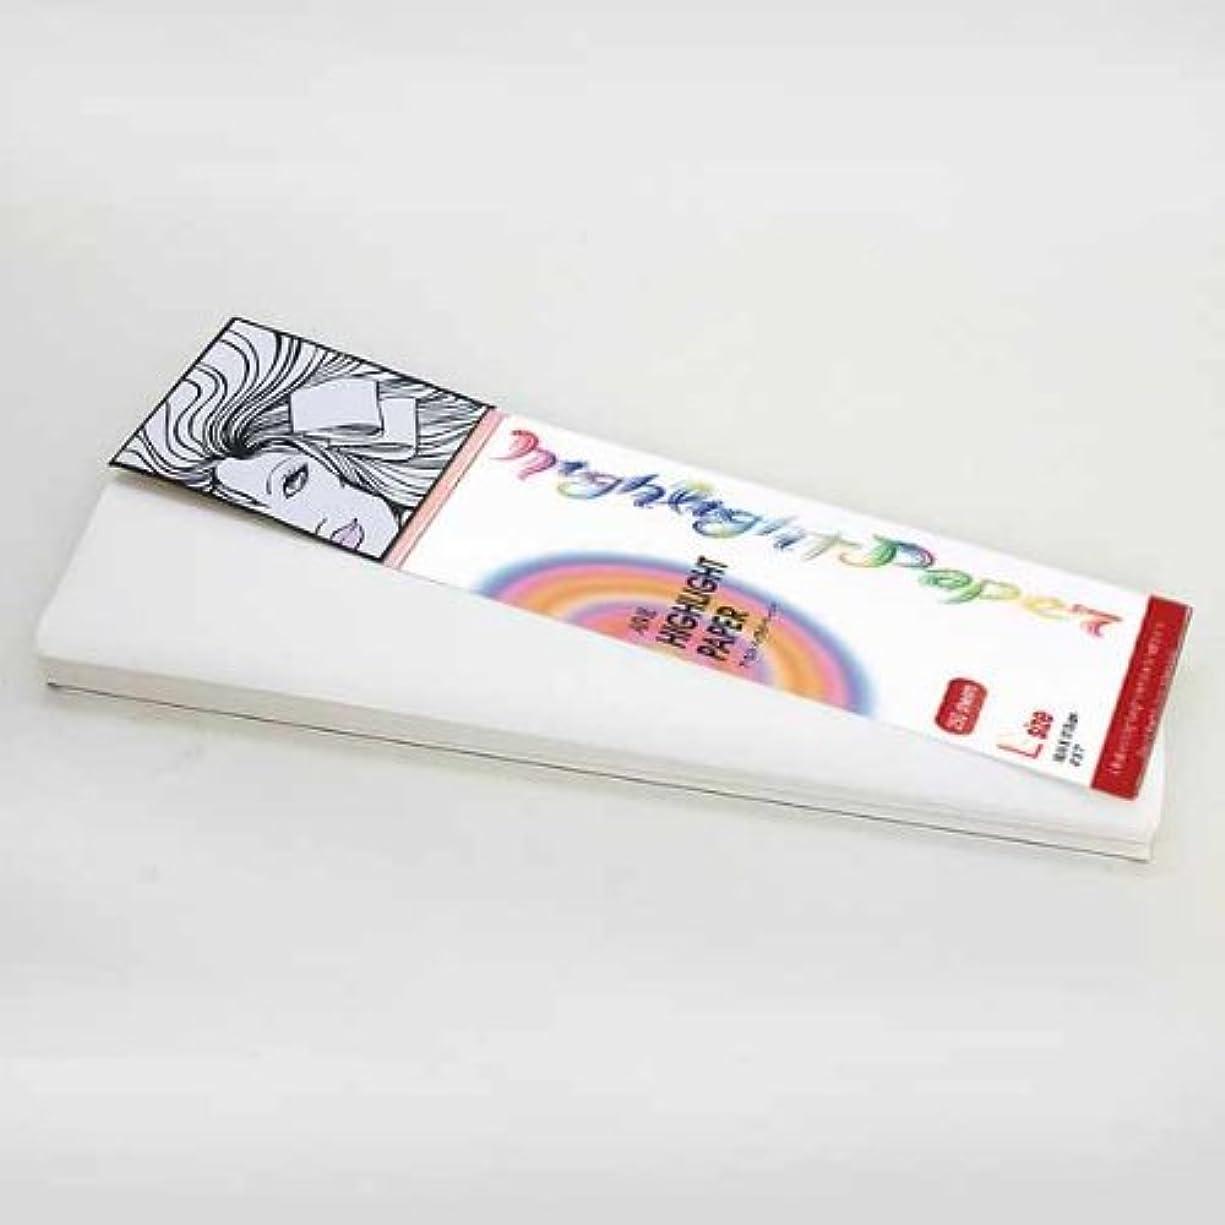 群集アーティファクト効果的トリコ インダストリーズ ハイライト ペーパー L 約100×406mm